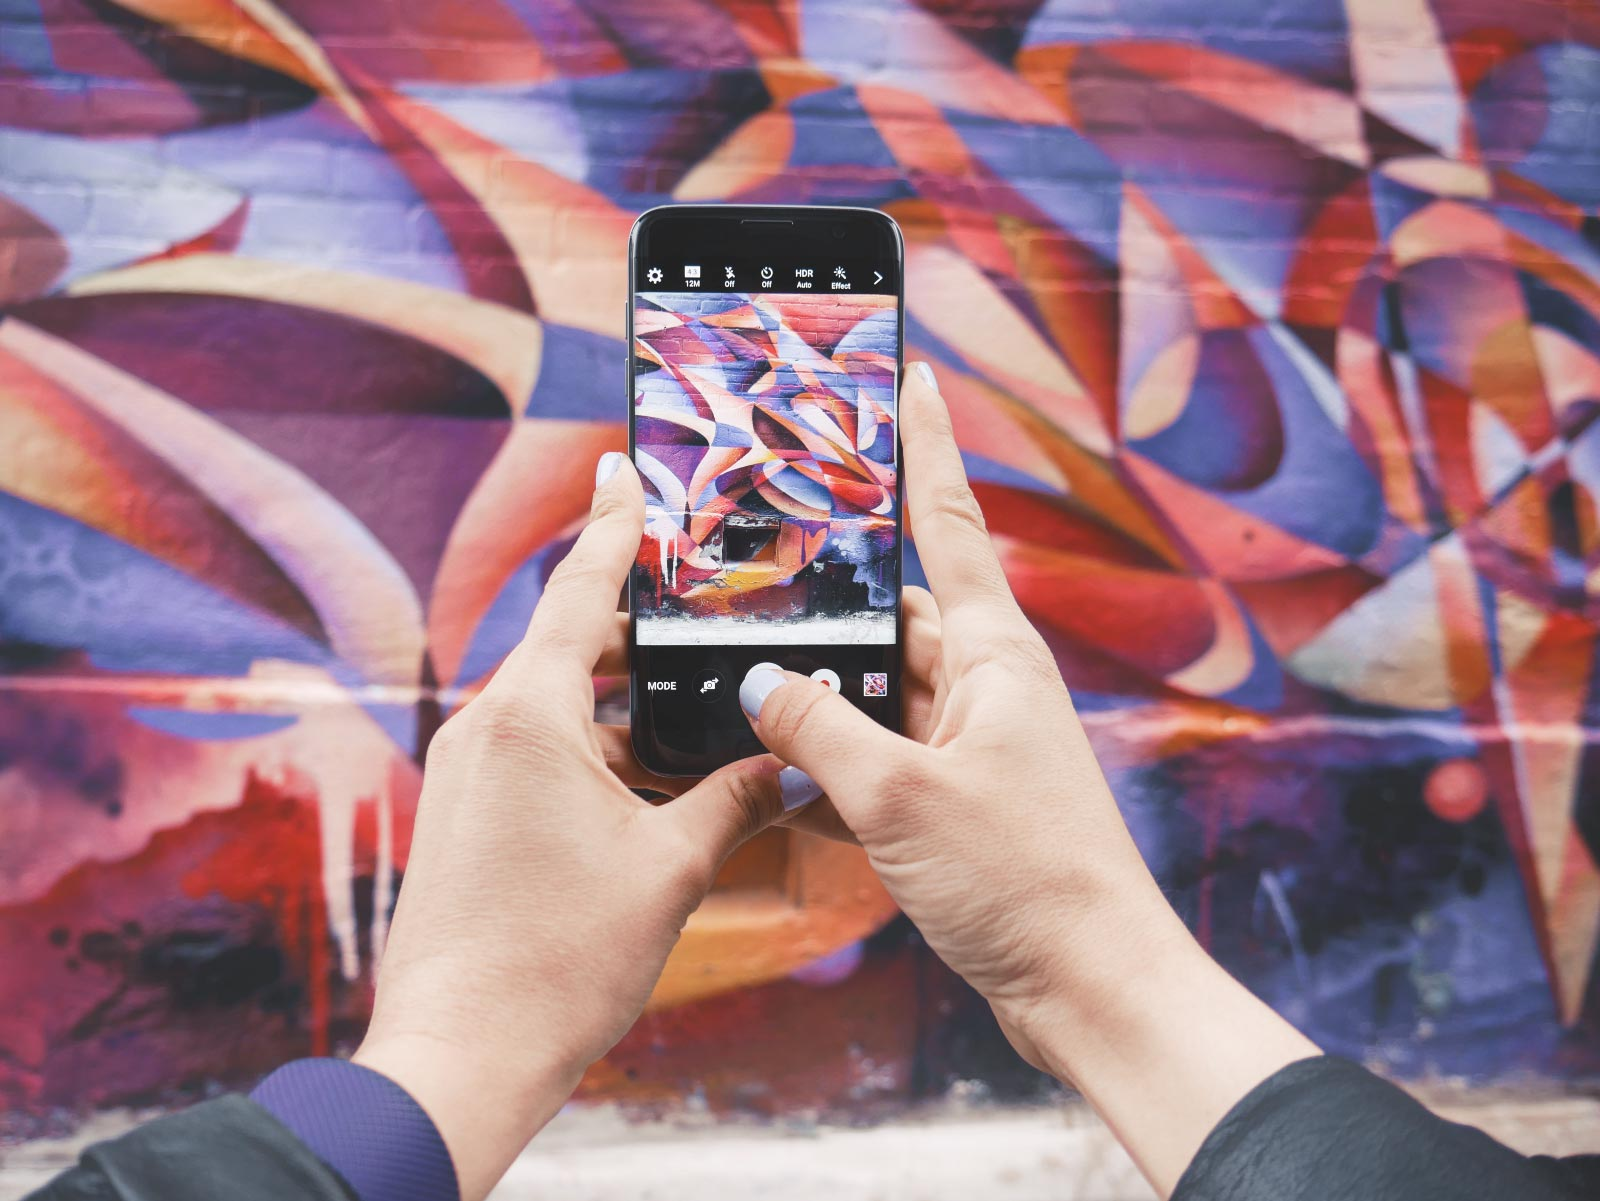 Вебинар: 7 сервисов для Instagram для предпринимателей